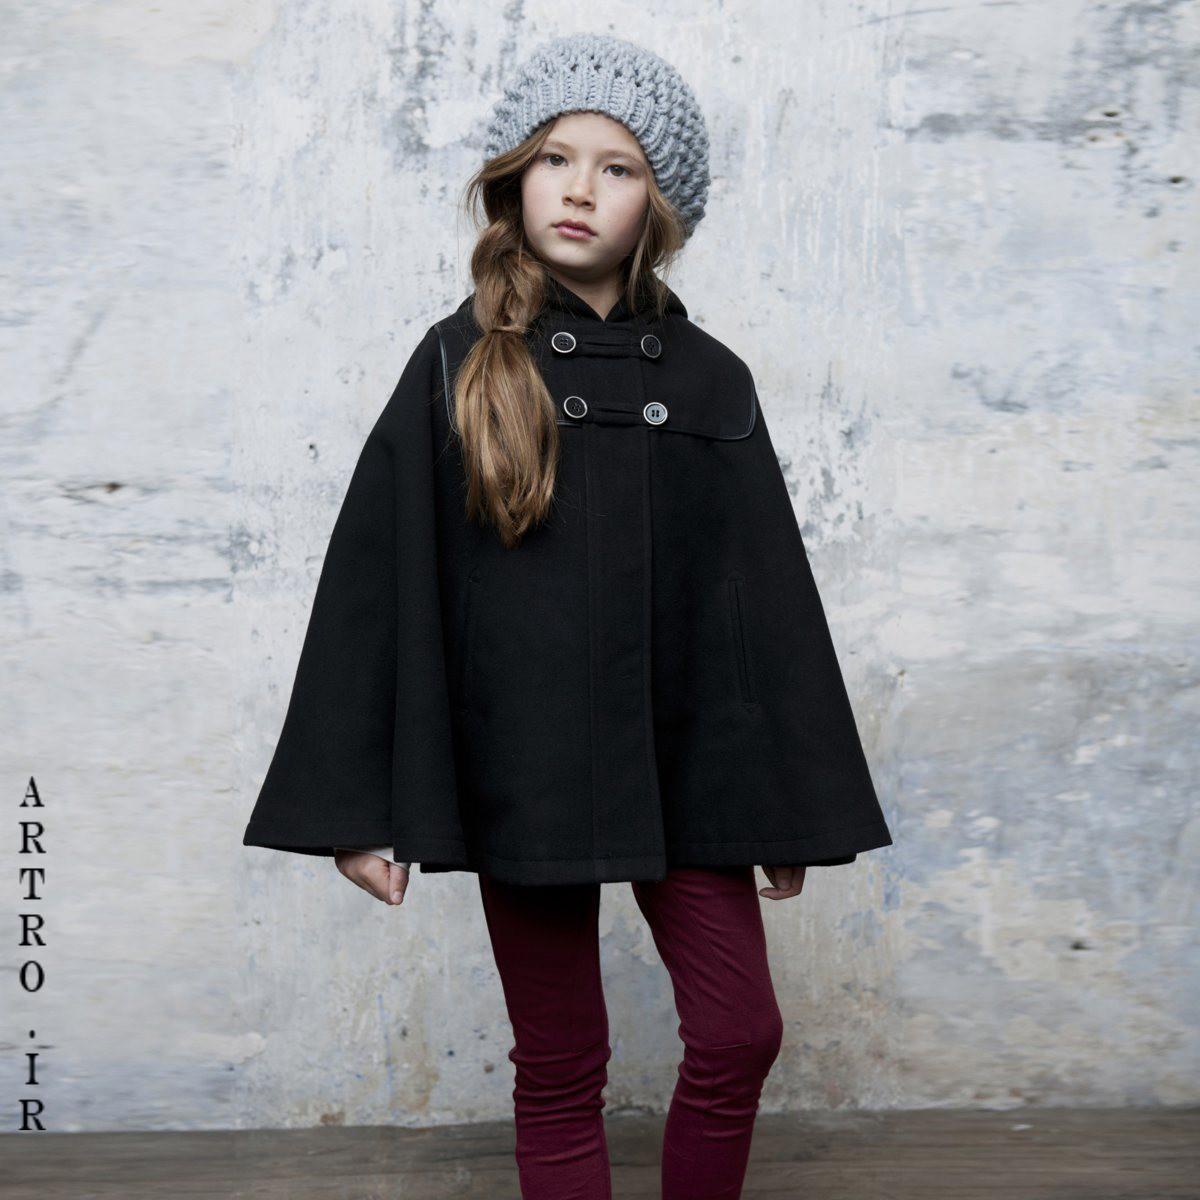 جدیدترین مدل پالتو دختر بچه ها 11